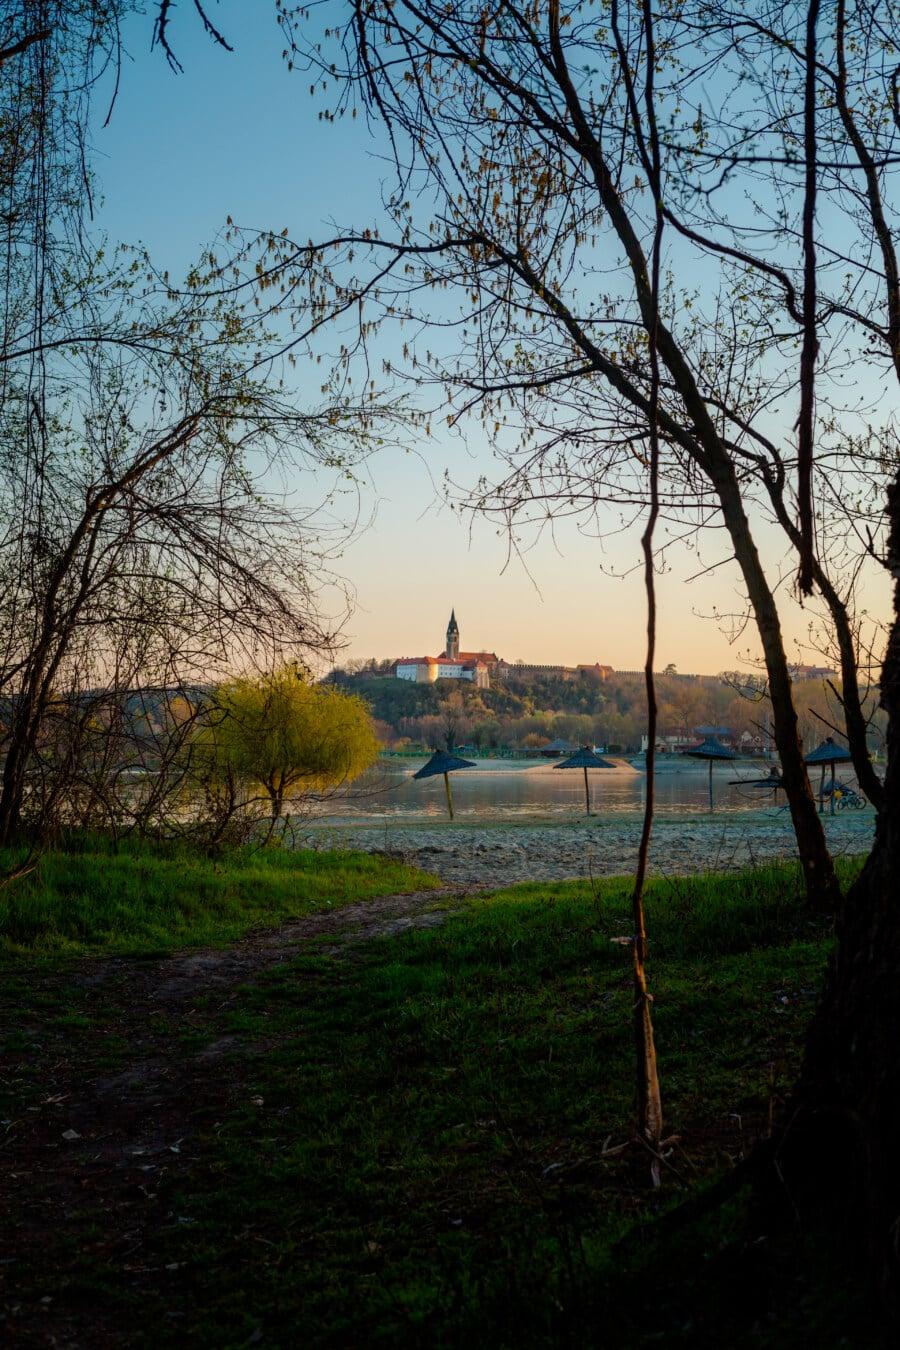 Strand, Fluss, Frühling, Flussufer, Sonnenschirm, Weg, Bäume, Struktur, Wald, Landschaft